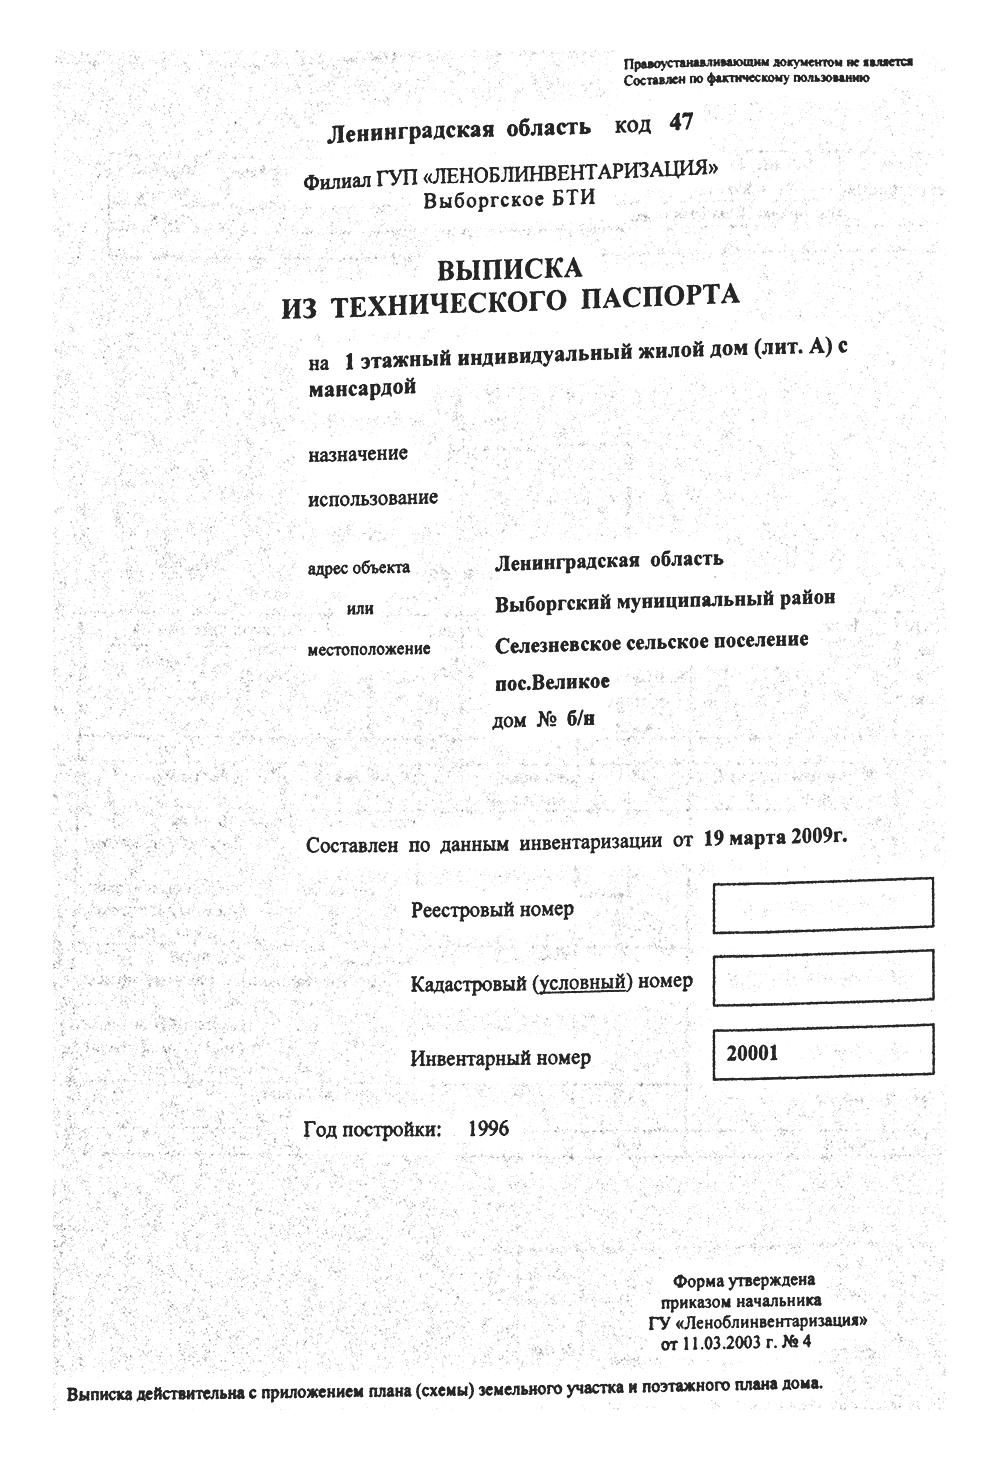 В техническом паспорте дома есть вся информация про строение. На первой странице написано, что наш дом был построен в 1996 году